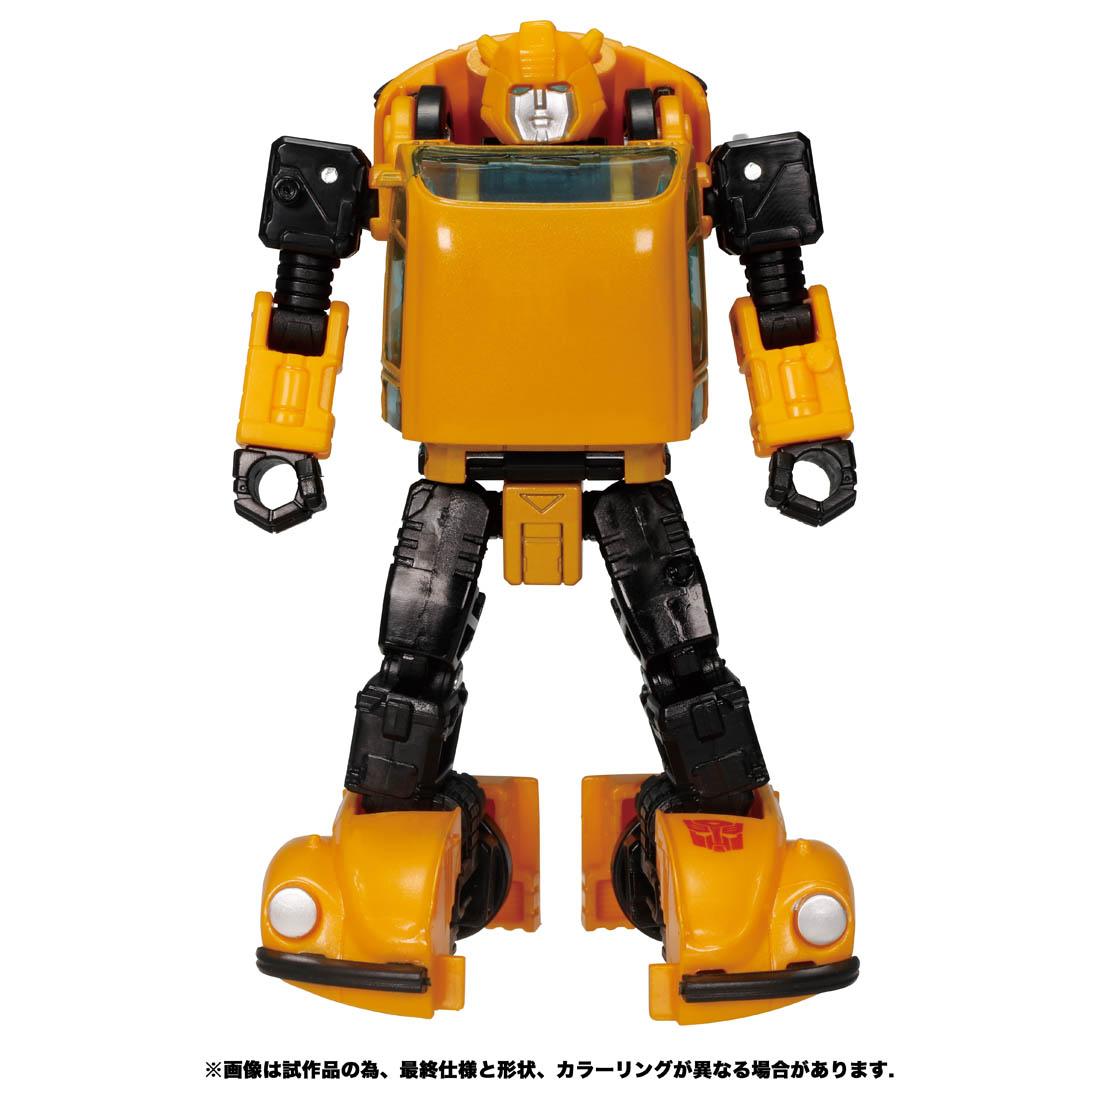 トランスフォーマー ウォーフォーサイバトロン『WFC-09 バンブルビー』可変可動フィギュア-004